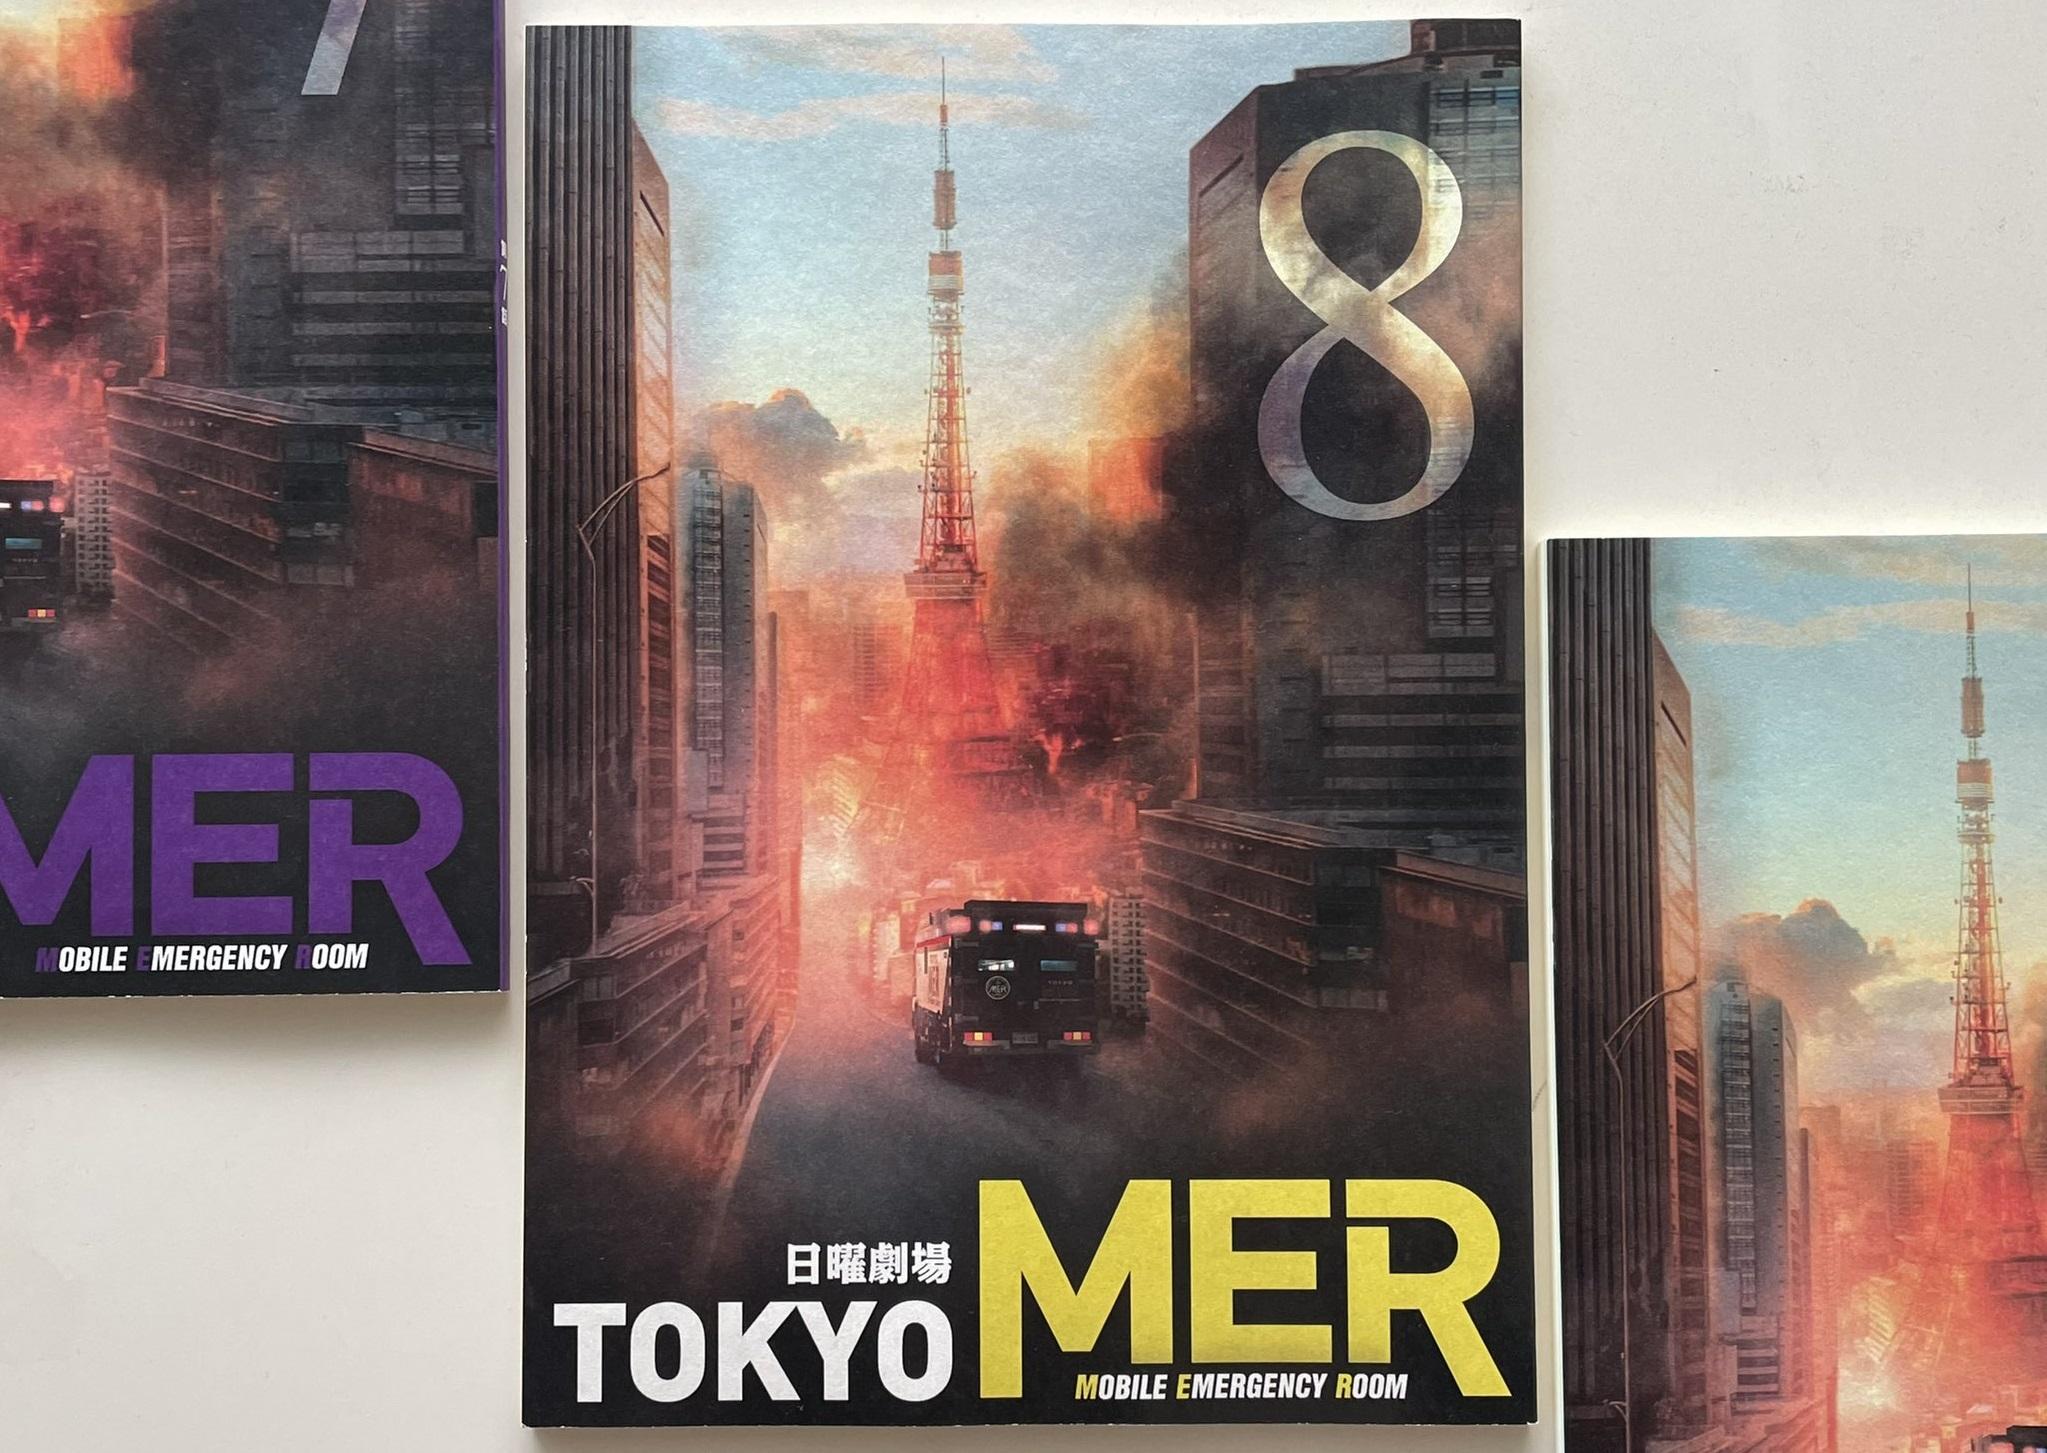 日曜劇場【TOKYO MER走る緊急救命室】8話のネタバレ!視聴率14.5%で好調キープ!